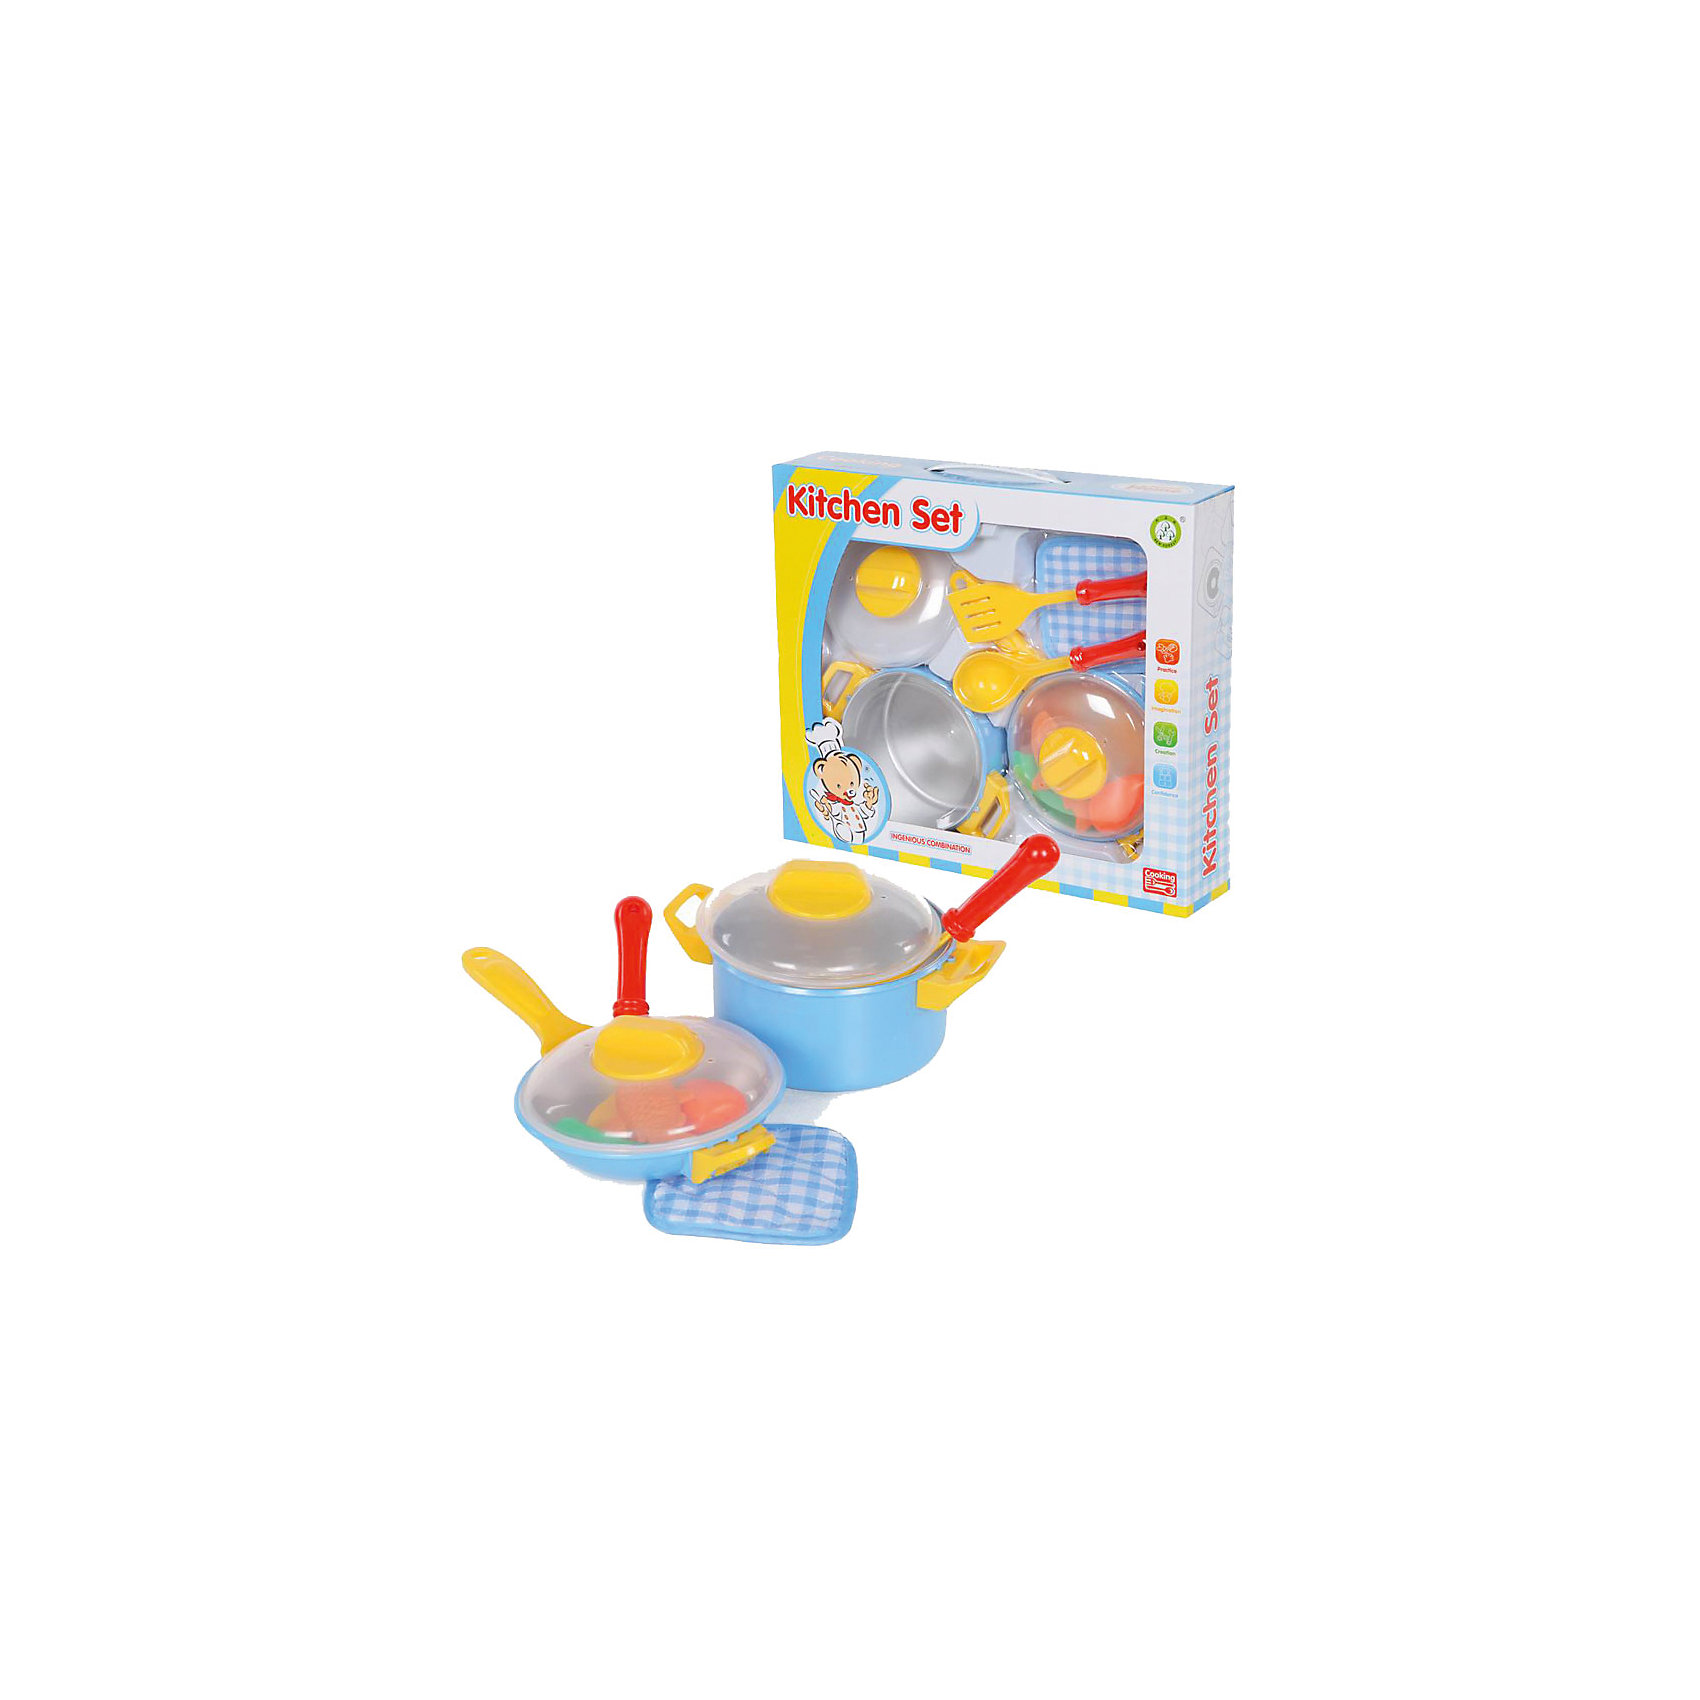 Набор посуды, YakoПосуда и аксессуары для детской кухни<br><br><br>Ширина мм: 250<br>Глубина мм: 260<br>Высота мм: 170<br>Вес г: 571<br>Возраст от месяцев: 36<br>Возраст до месяцев: 2147483647<br>Пол: Женский<br>Возраст: Детский<br>SKU: 6893383